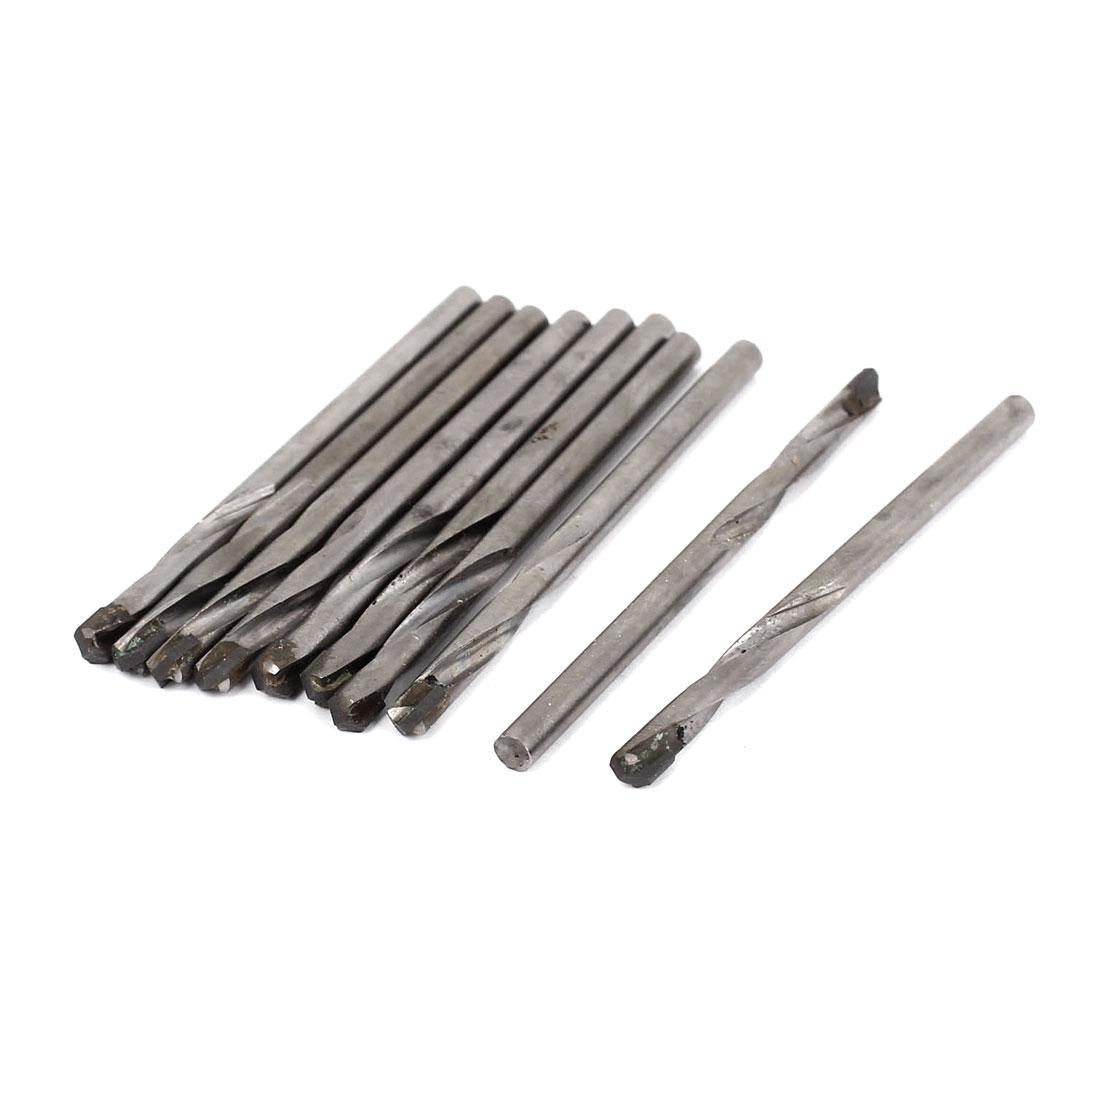 Woodworking Straight Shank 4mm Carbide Tipped Drilling Twist Drill Bit 10pcs